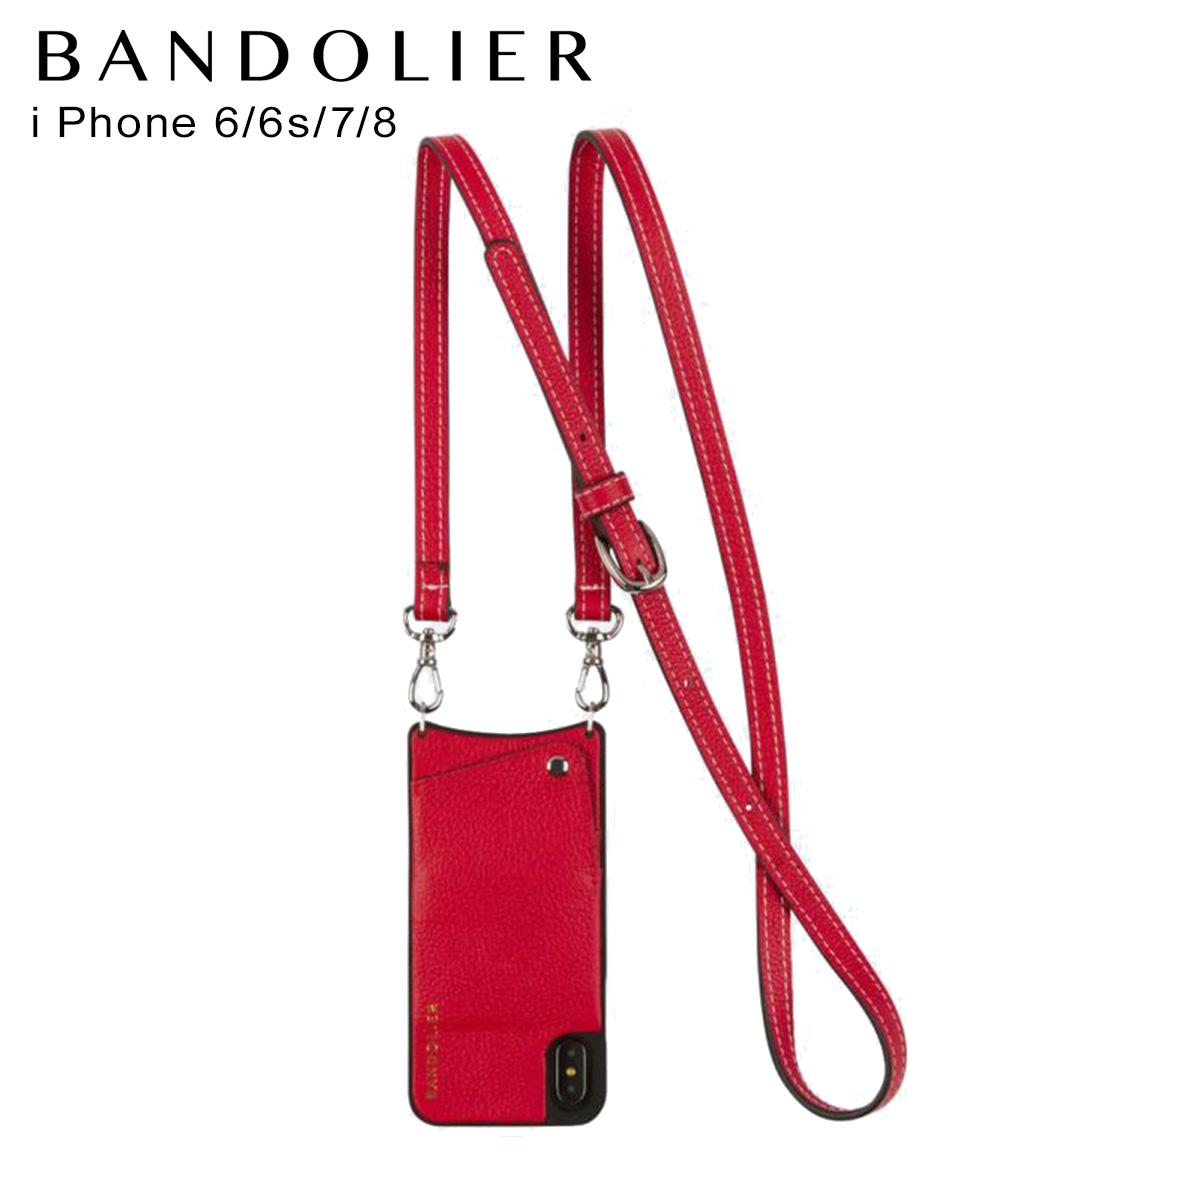 バンドリヤー BANDOLIER iPhone SE 8 7 6s 6 ケース スマホ 携帯 アイフォン レディース CASEY RED レッド 10cas